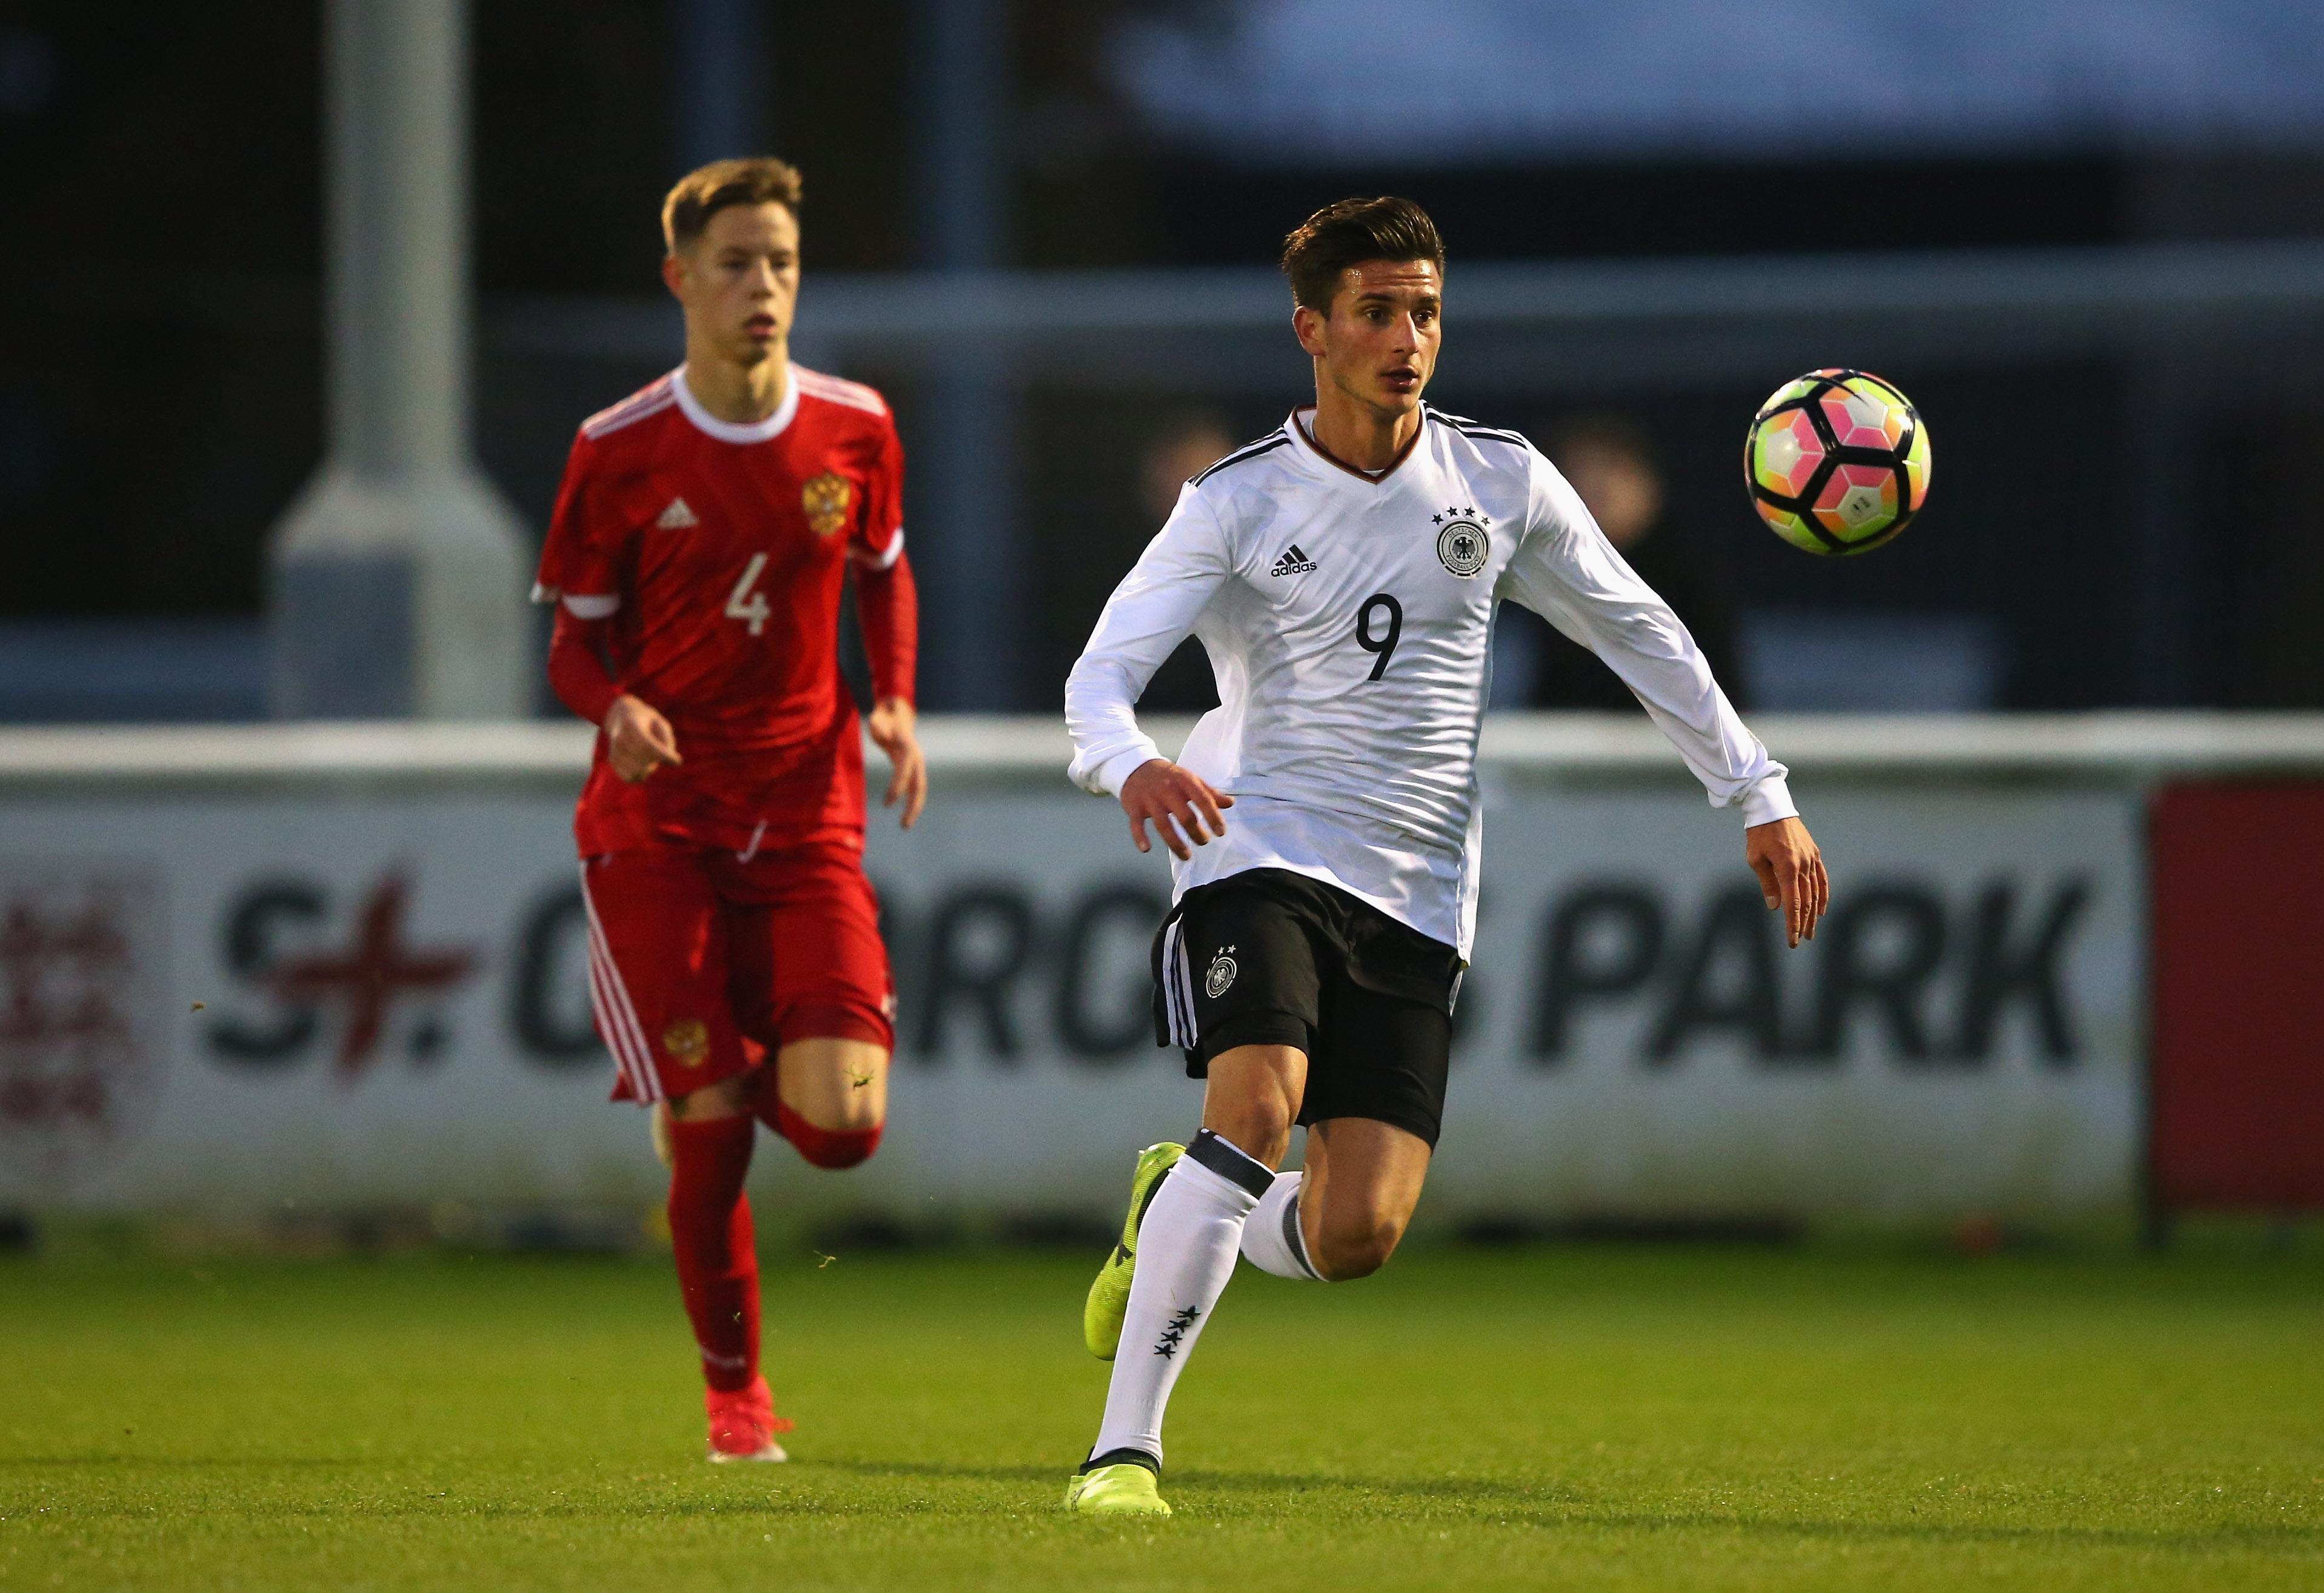 Shtutgarti ka dhurata për Krishtlindje, shqiptari 17-vjeçar nuk e lë vetëm me debutimin në Bundesligë